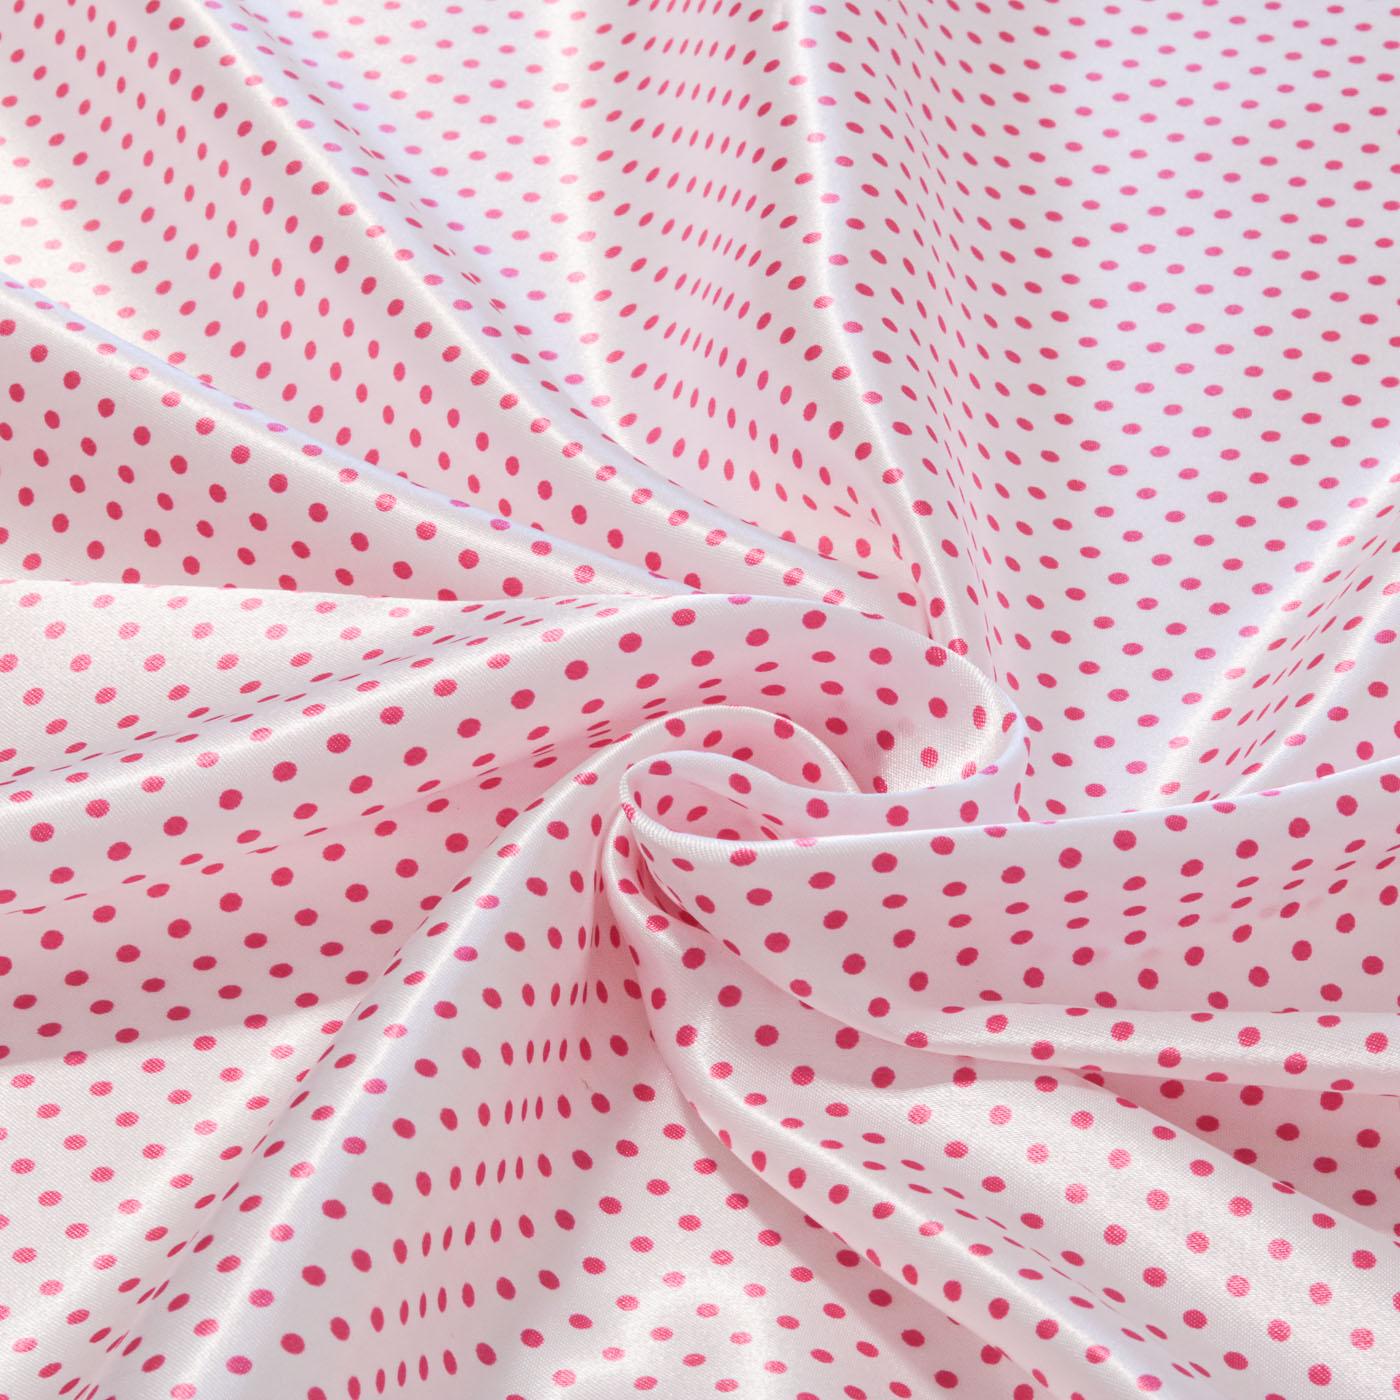 Tecido Cetim Estampado Poa Bolinha 1,40m Largura Pink